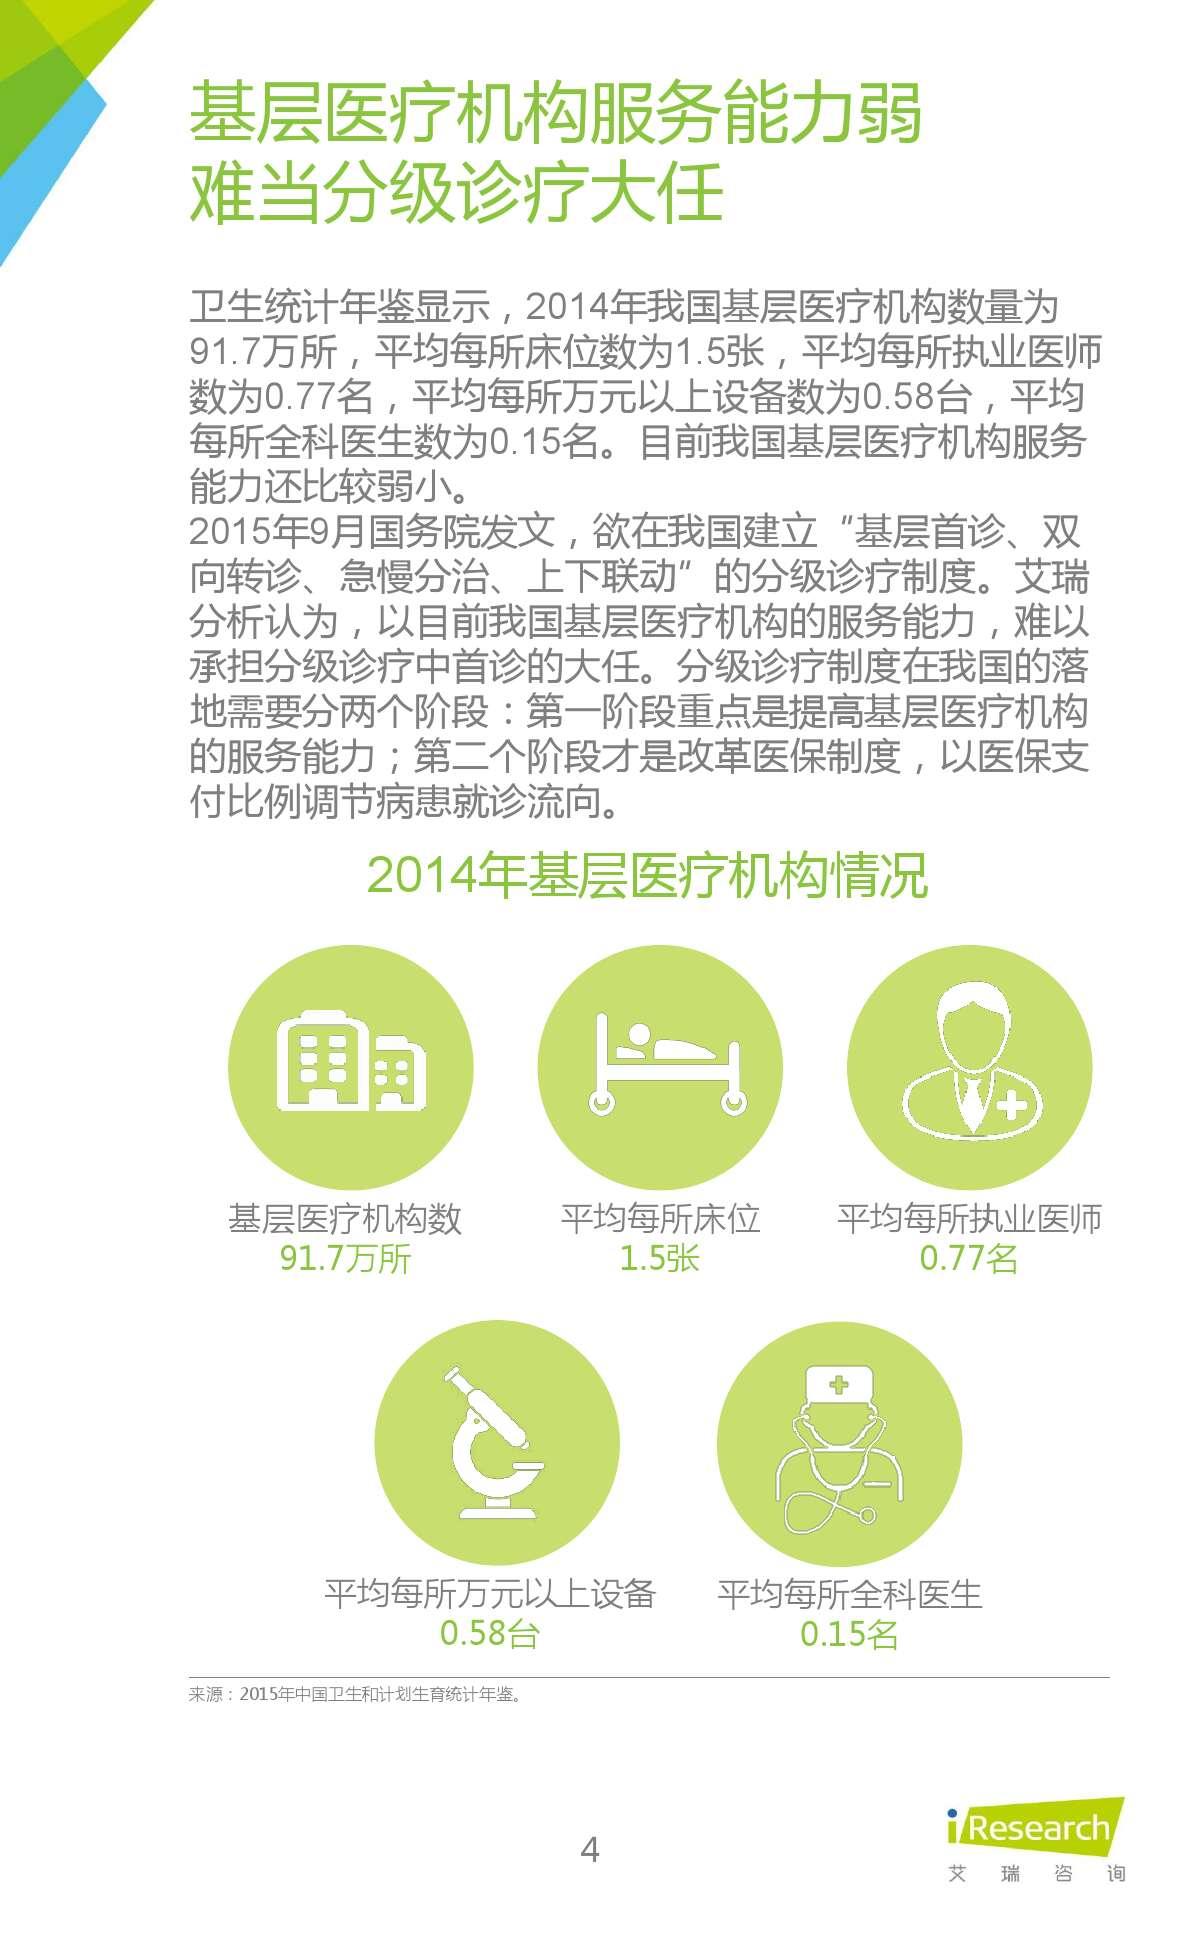 2015年中国在线问诊行业研究报告_000004